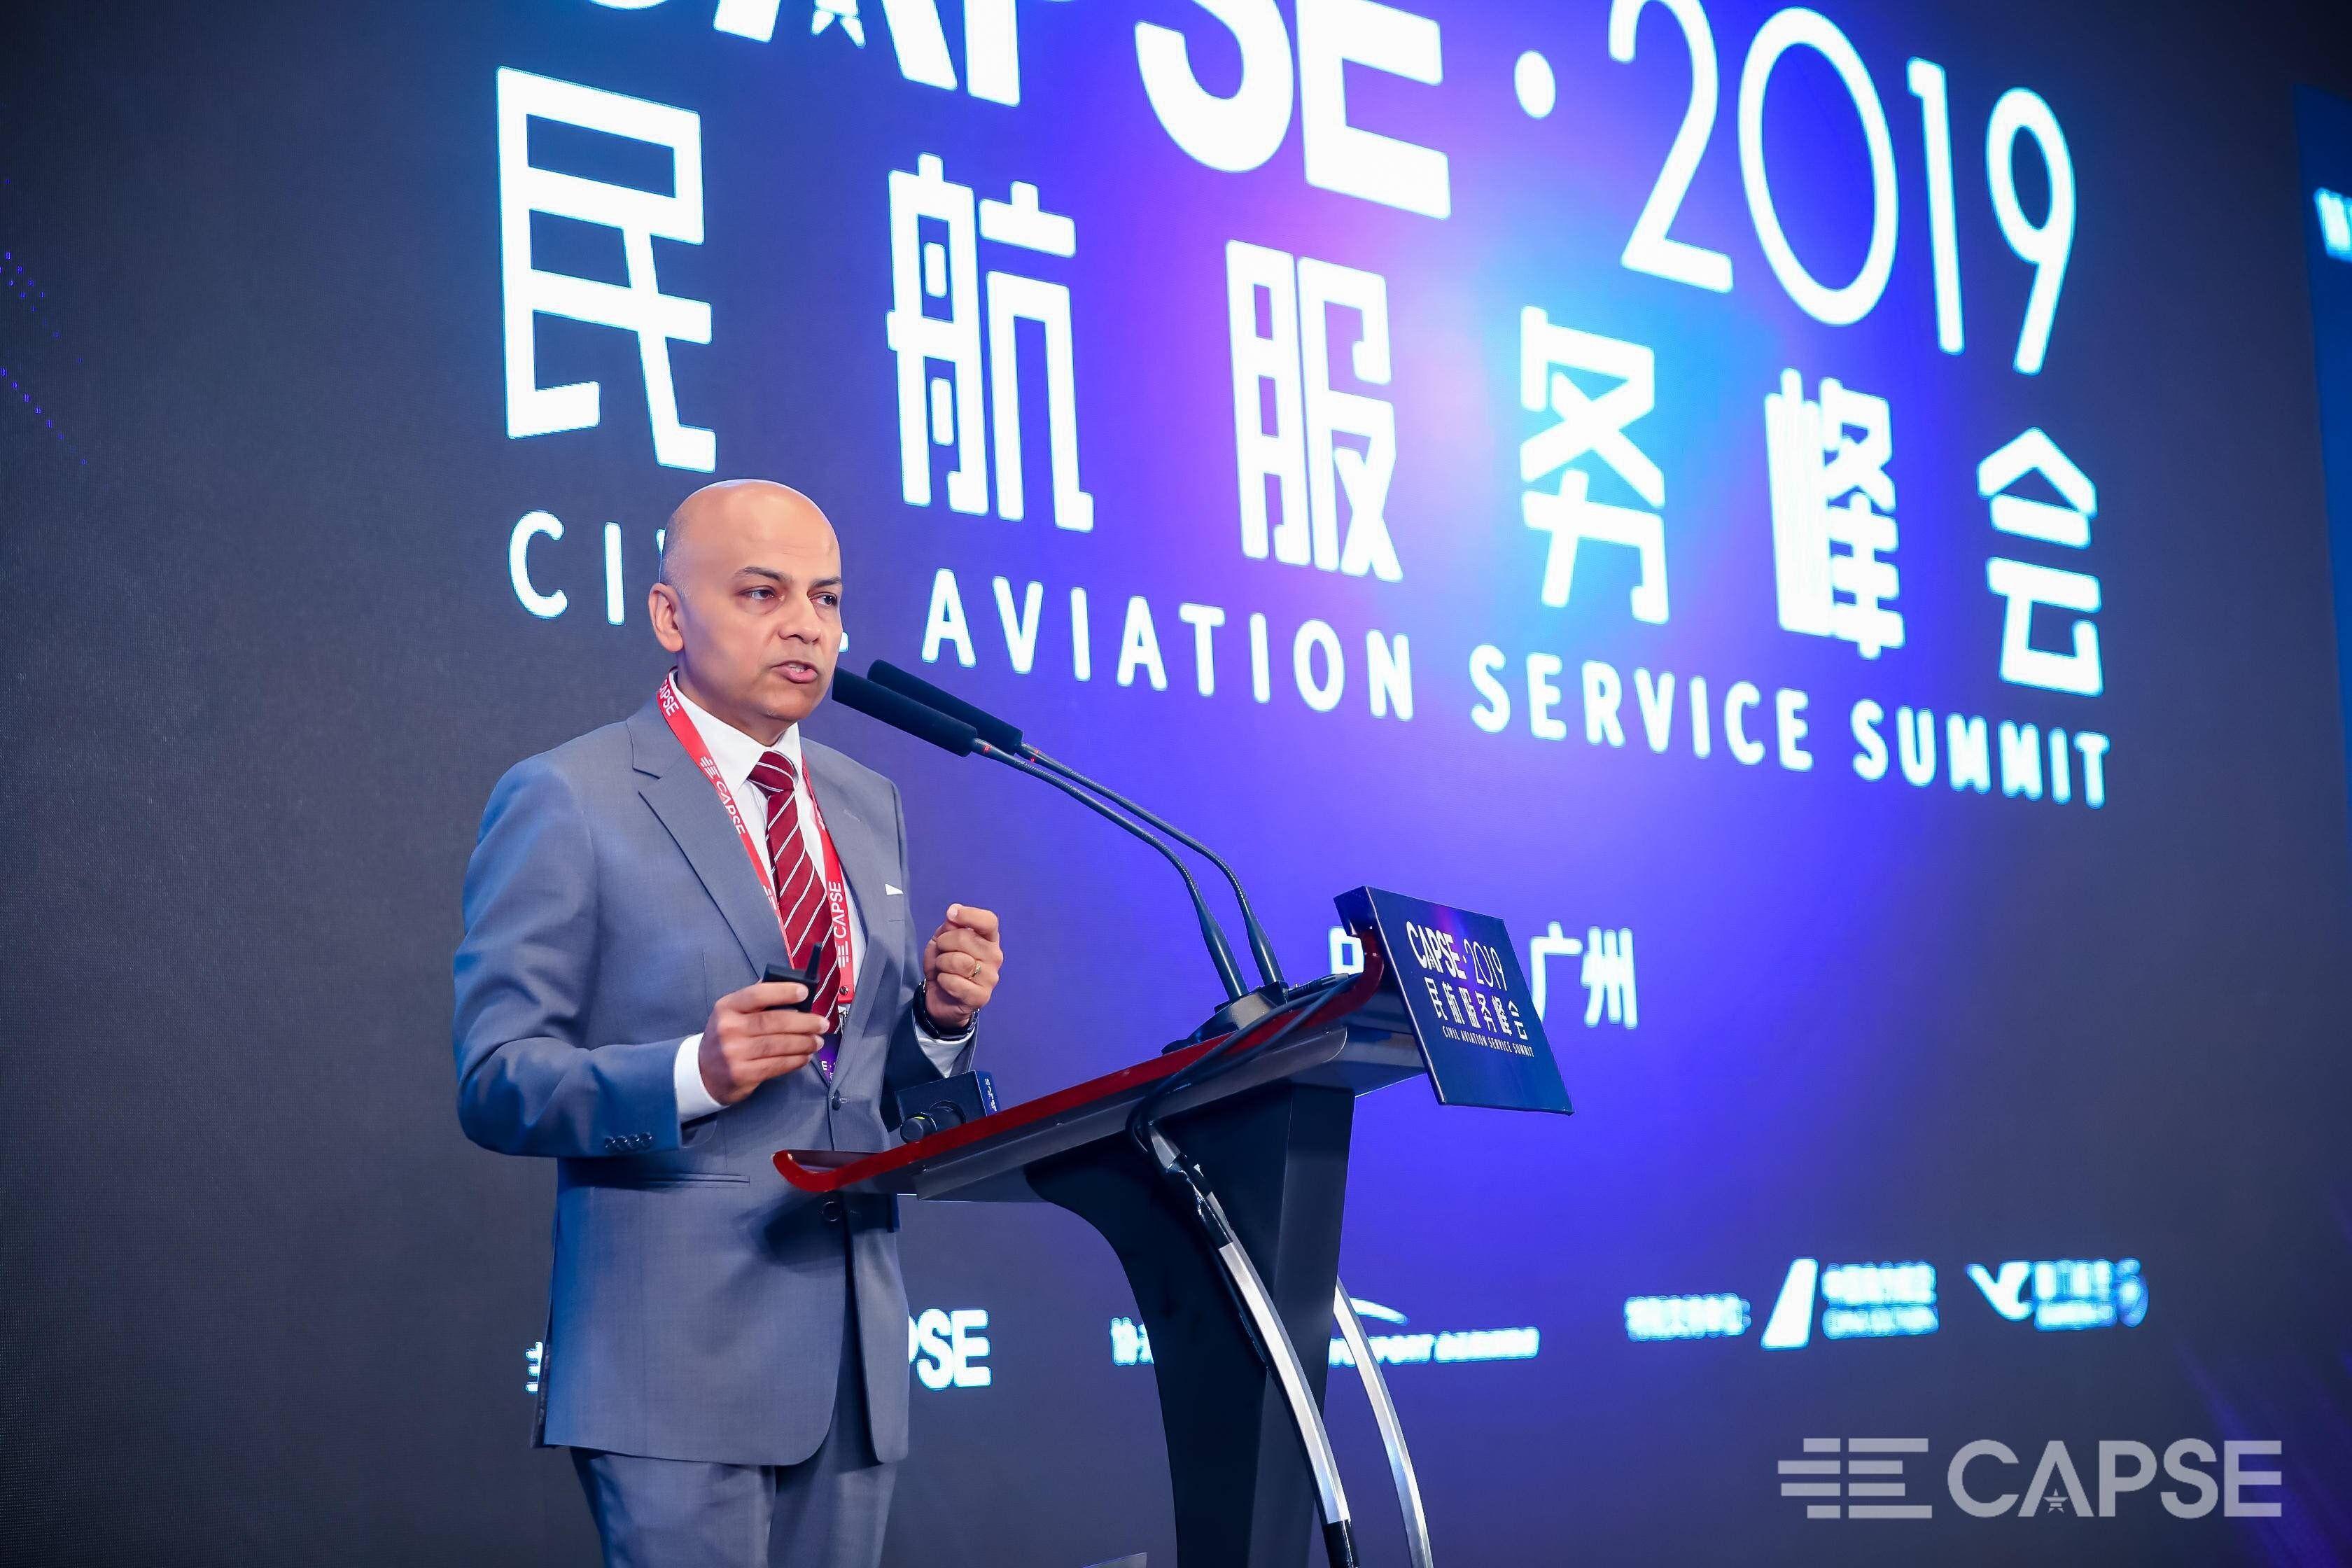 CAPSE民航服务峰会 旅客服务的未来